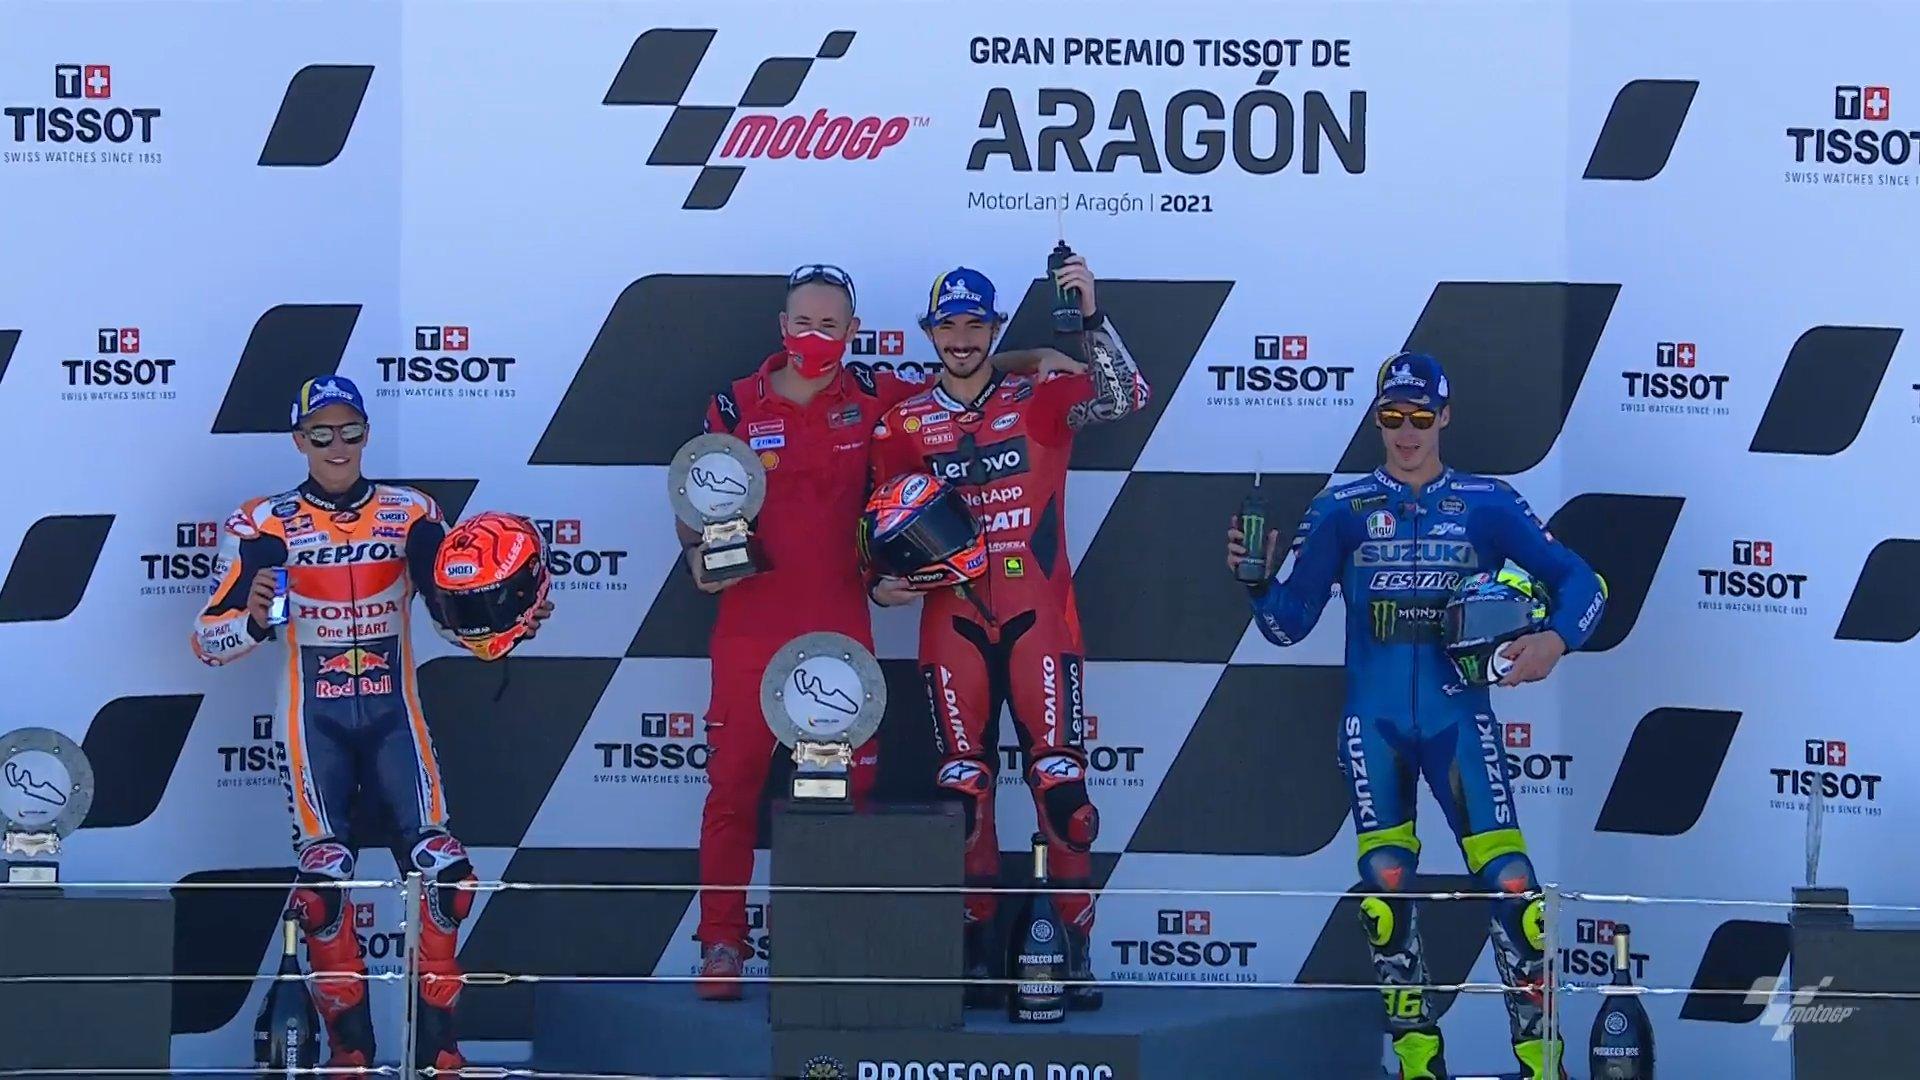 Bagnaia consigue su primera victoria en MotoGP en Aragón